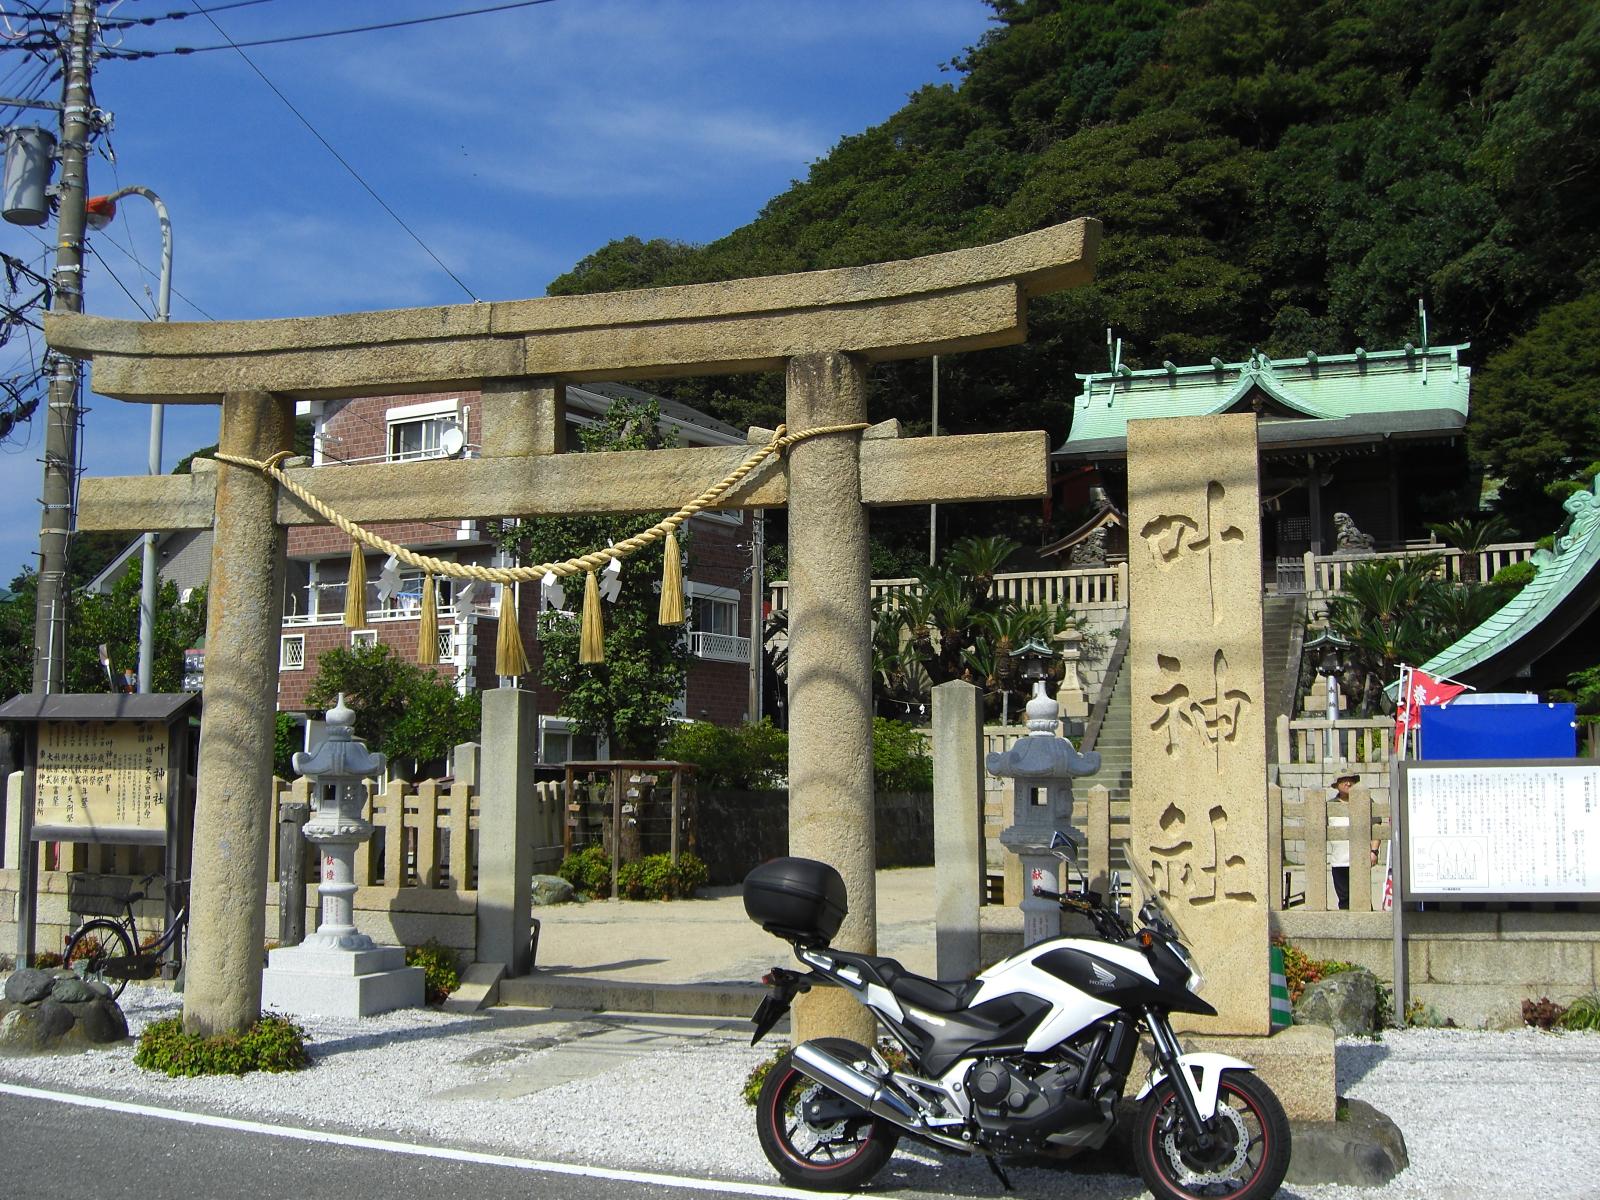 2015/09/23三浦半島めぐり5